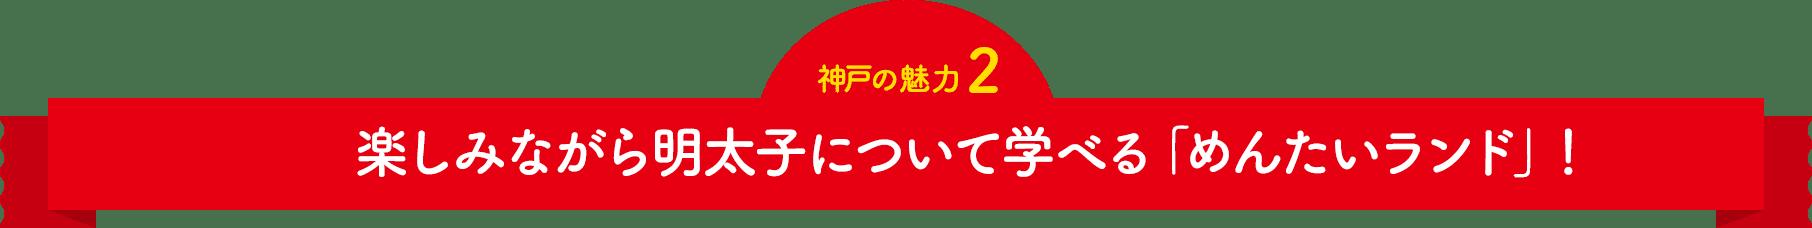 楽しみながら明太子について学べる「めんたいランド」!